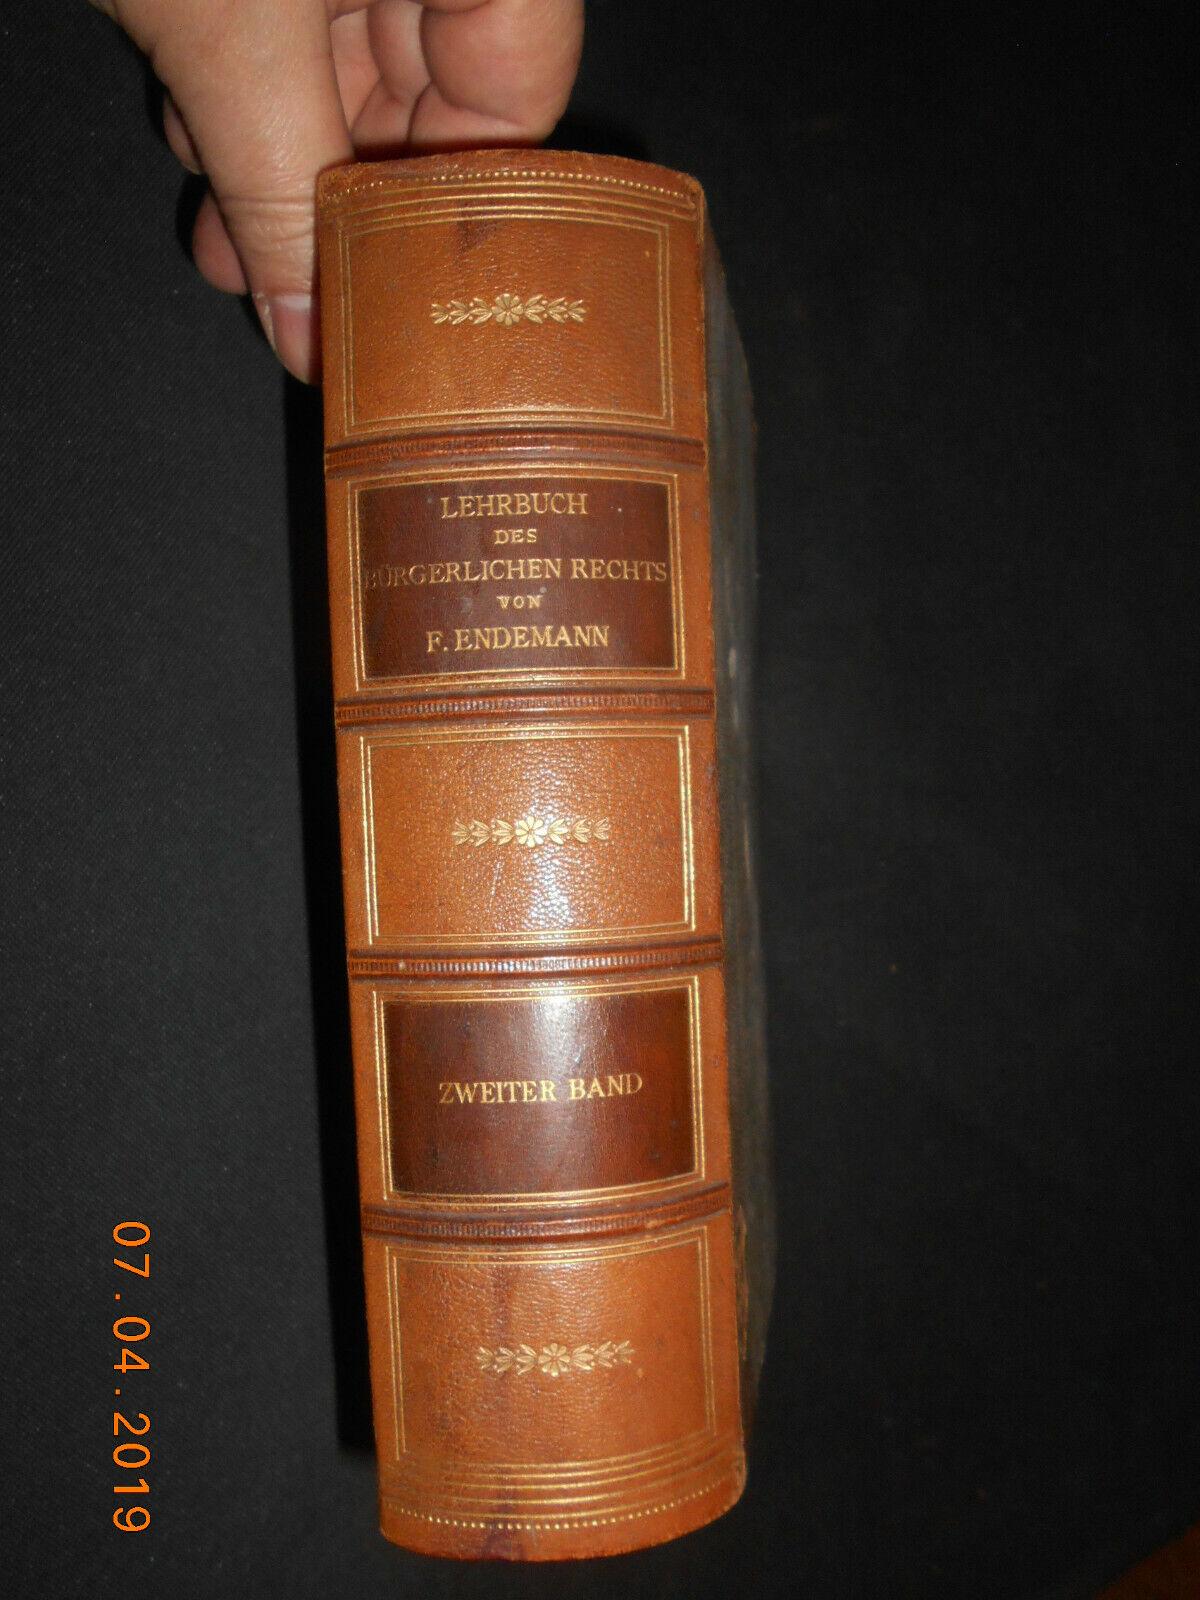 Lehrbuch des Bürgerlichen Rechts - Endemann 1900 Zweiter Band